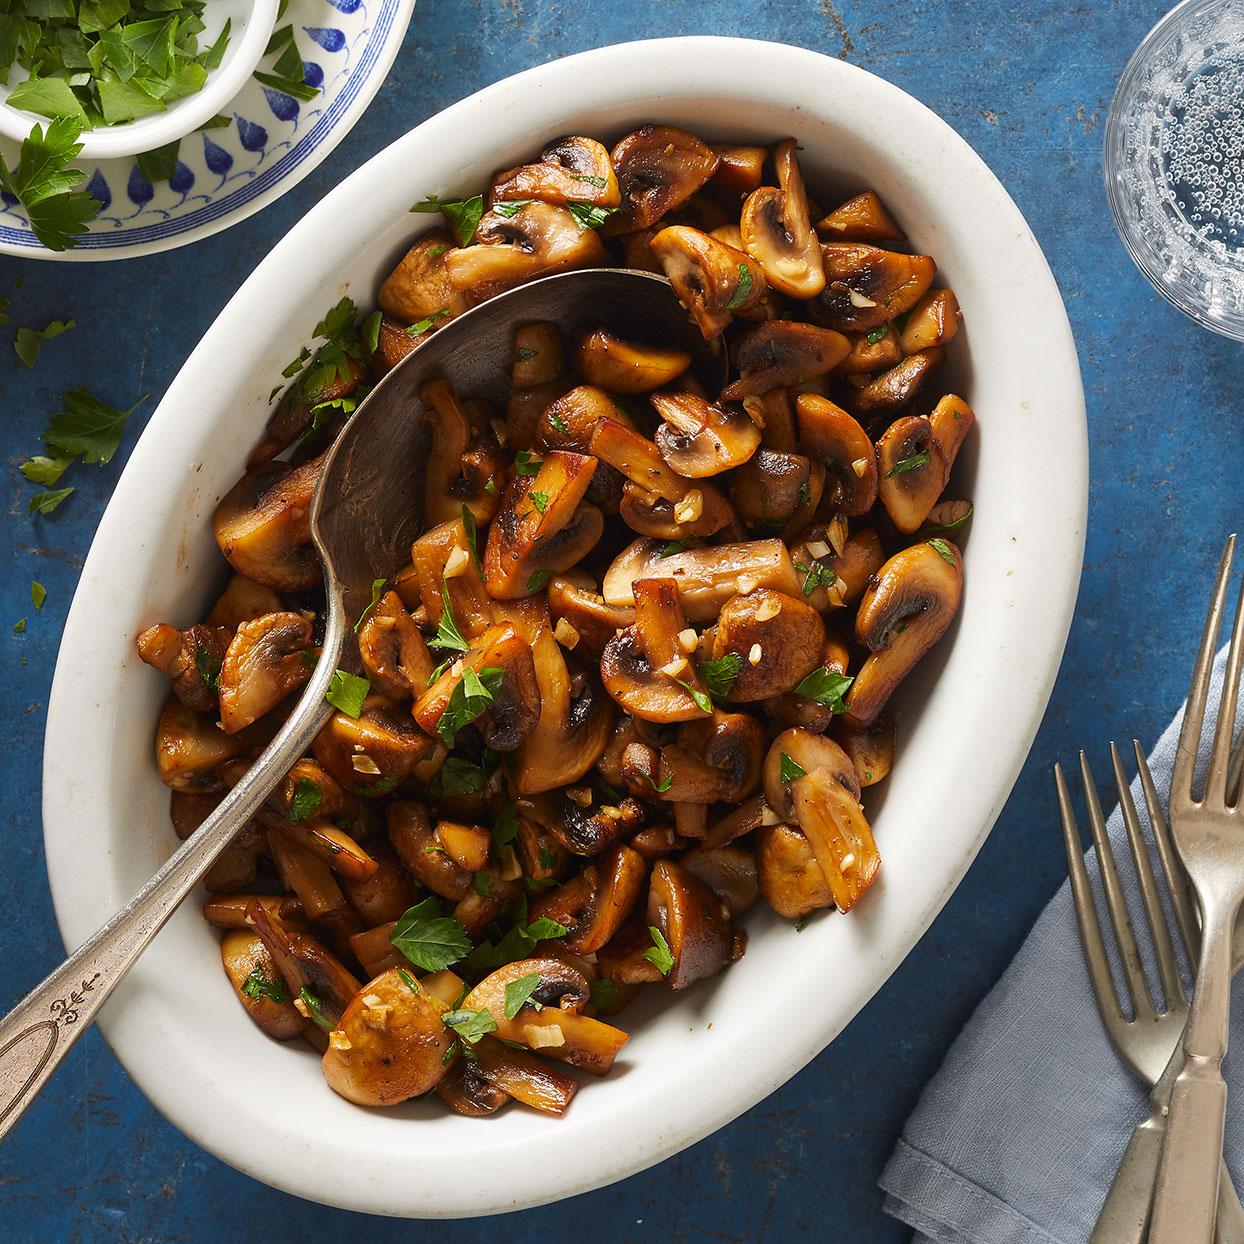 Garlic-Butter Mushrooms Trusted Brands